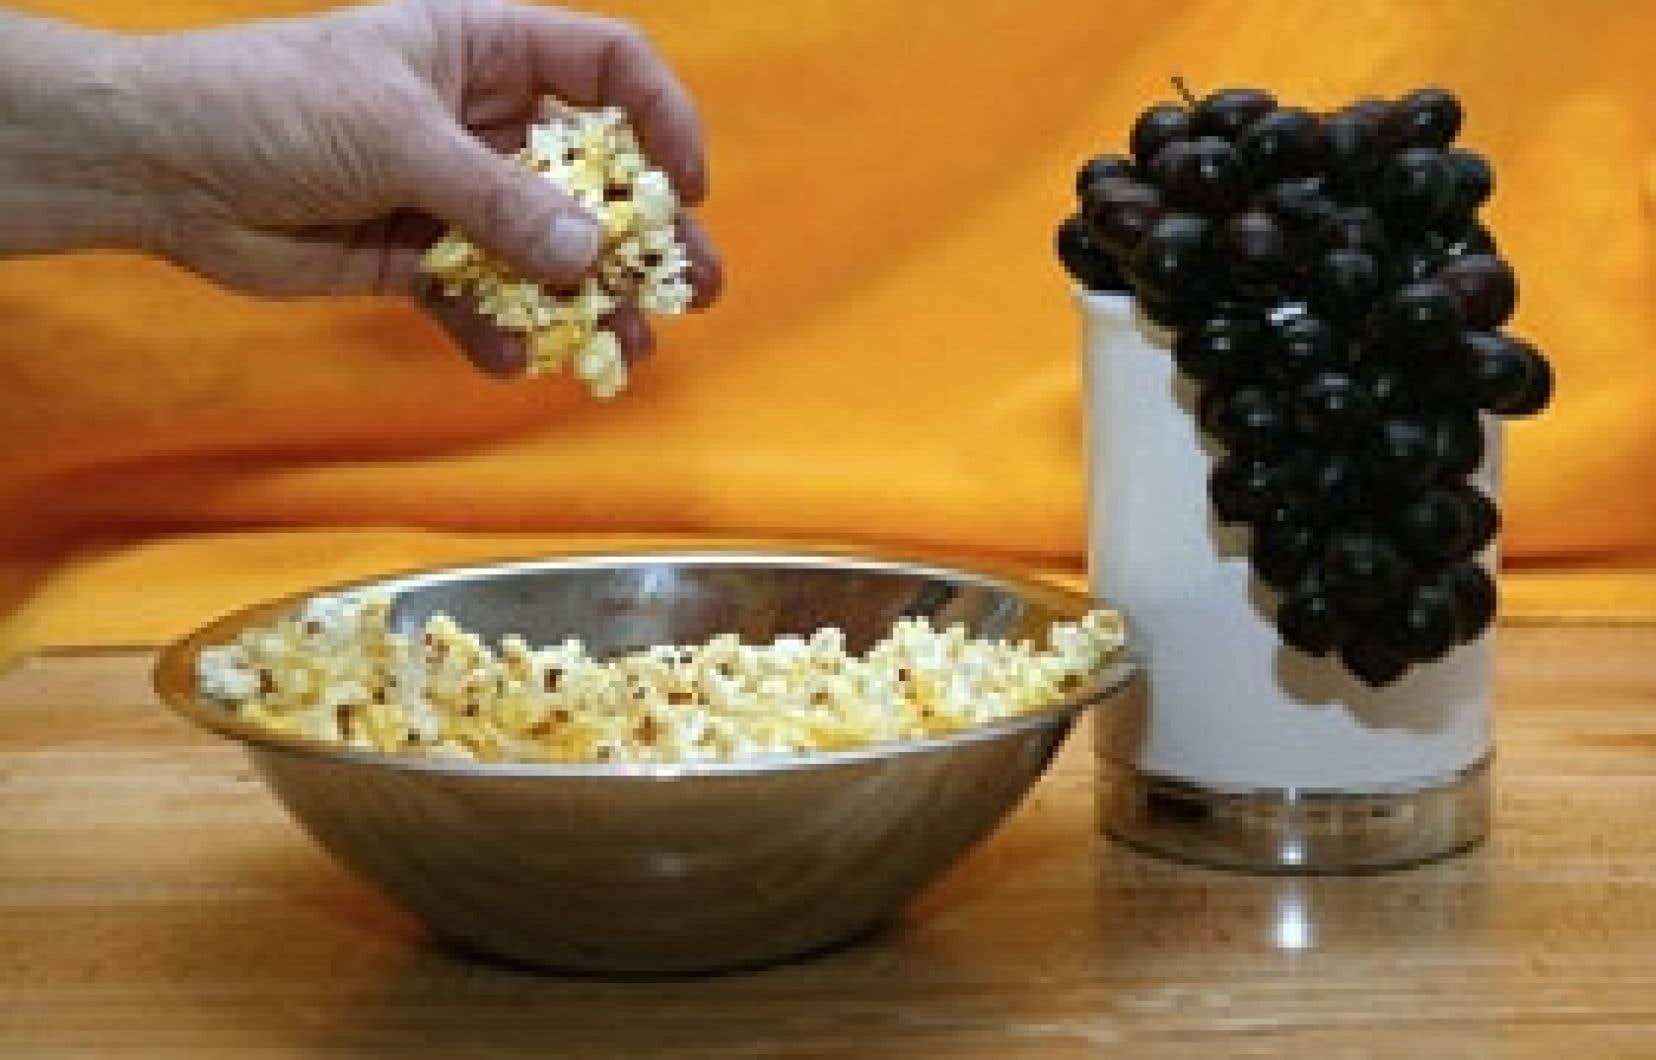 L'odeur de beurre du maïs soufflé qu'on se plaît à manger en écoutant un bon film est créée artificiellement avec de l'acétyle, un additif alimentaire soupçonné d'être responsable de maladies respiratoires chroniques.